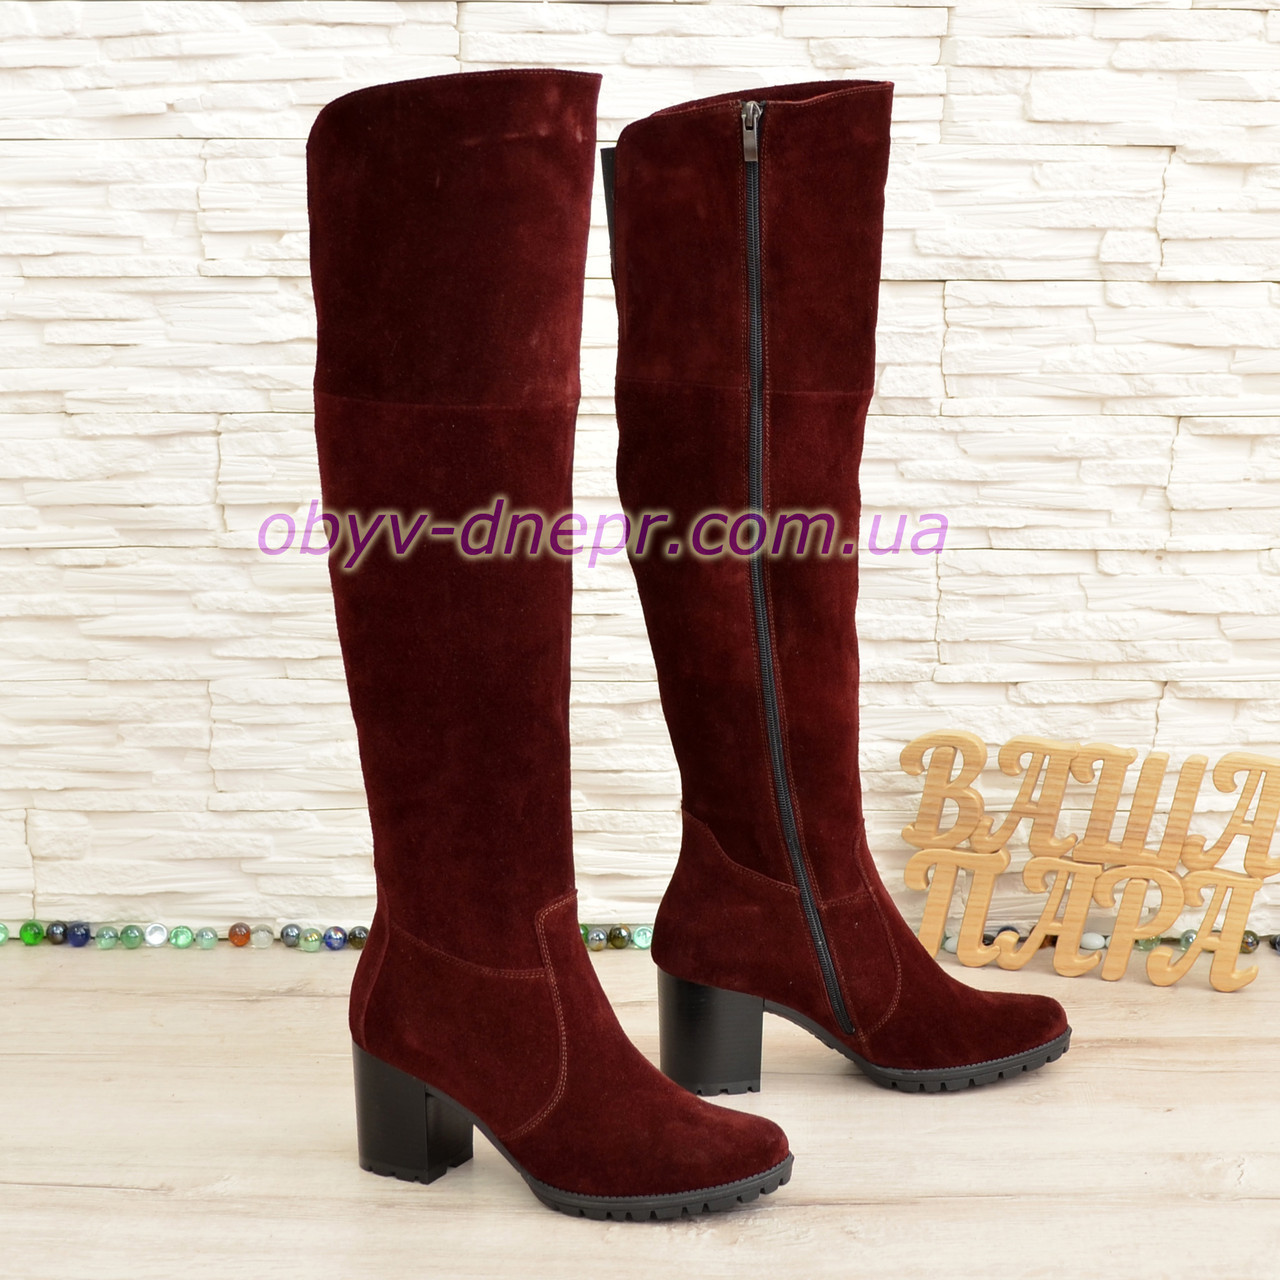 Ботфорты зимние замшевые на устойчивом каблуке, цвет бордо. 41 размер